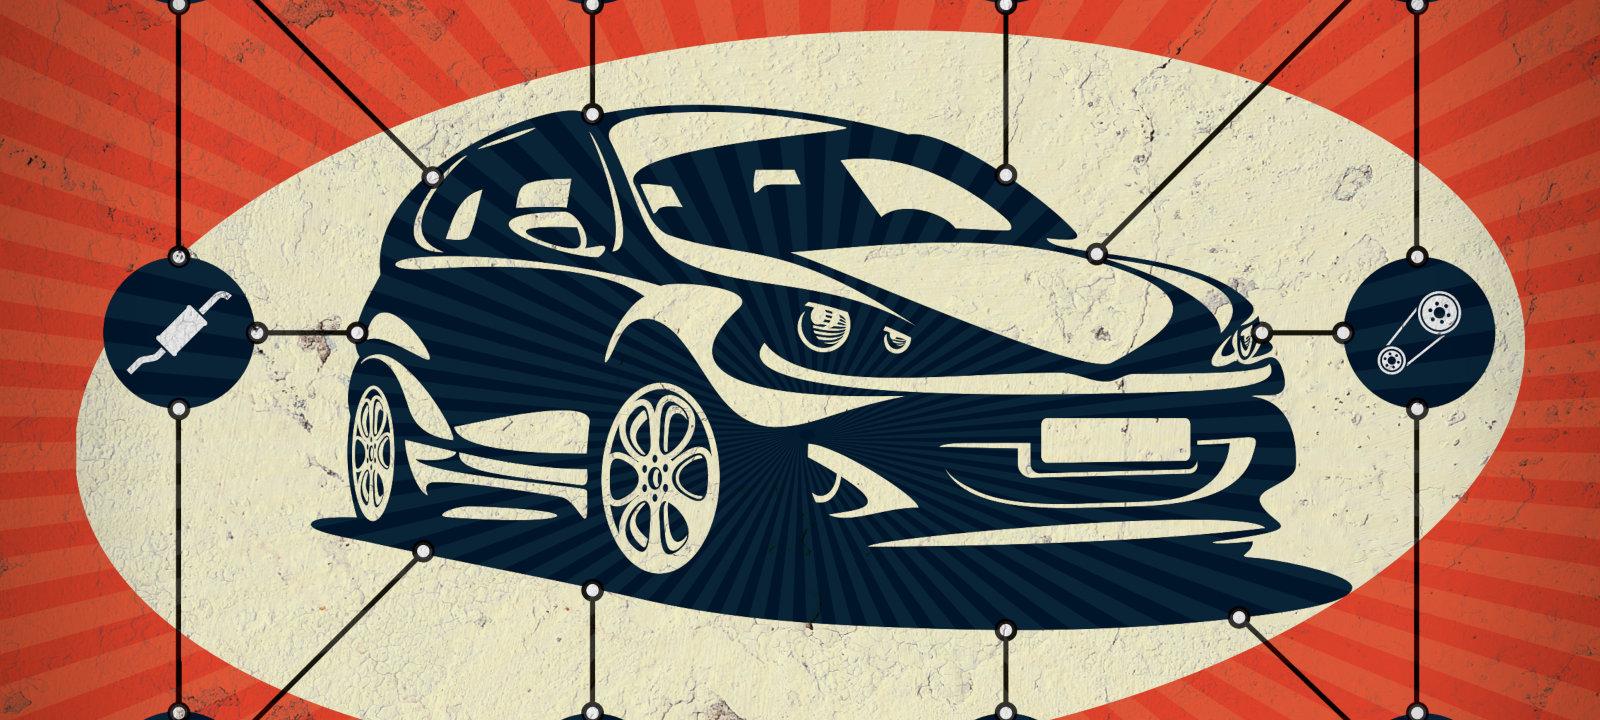 Перечитываем Хакер. Лучшие статьи из номера 194 Car hacking!